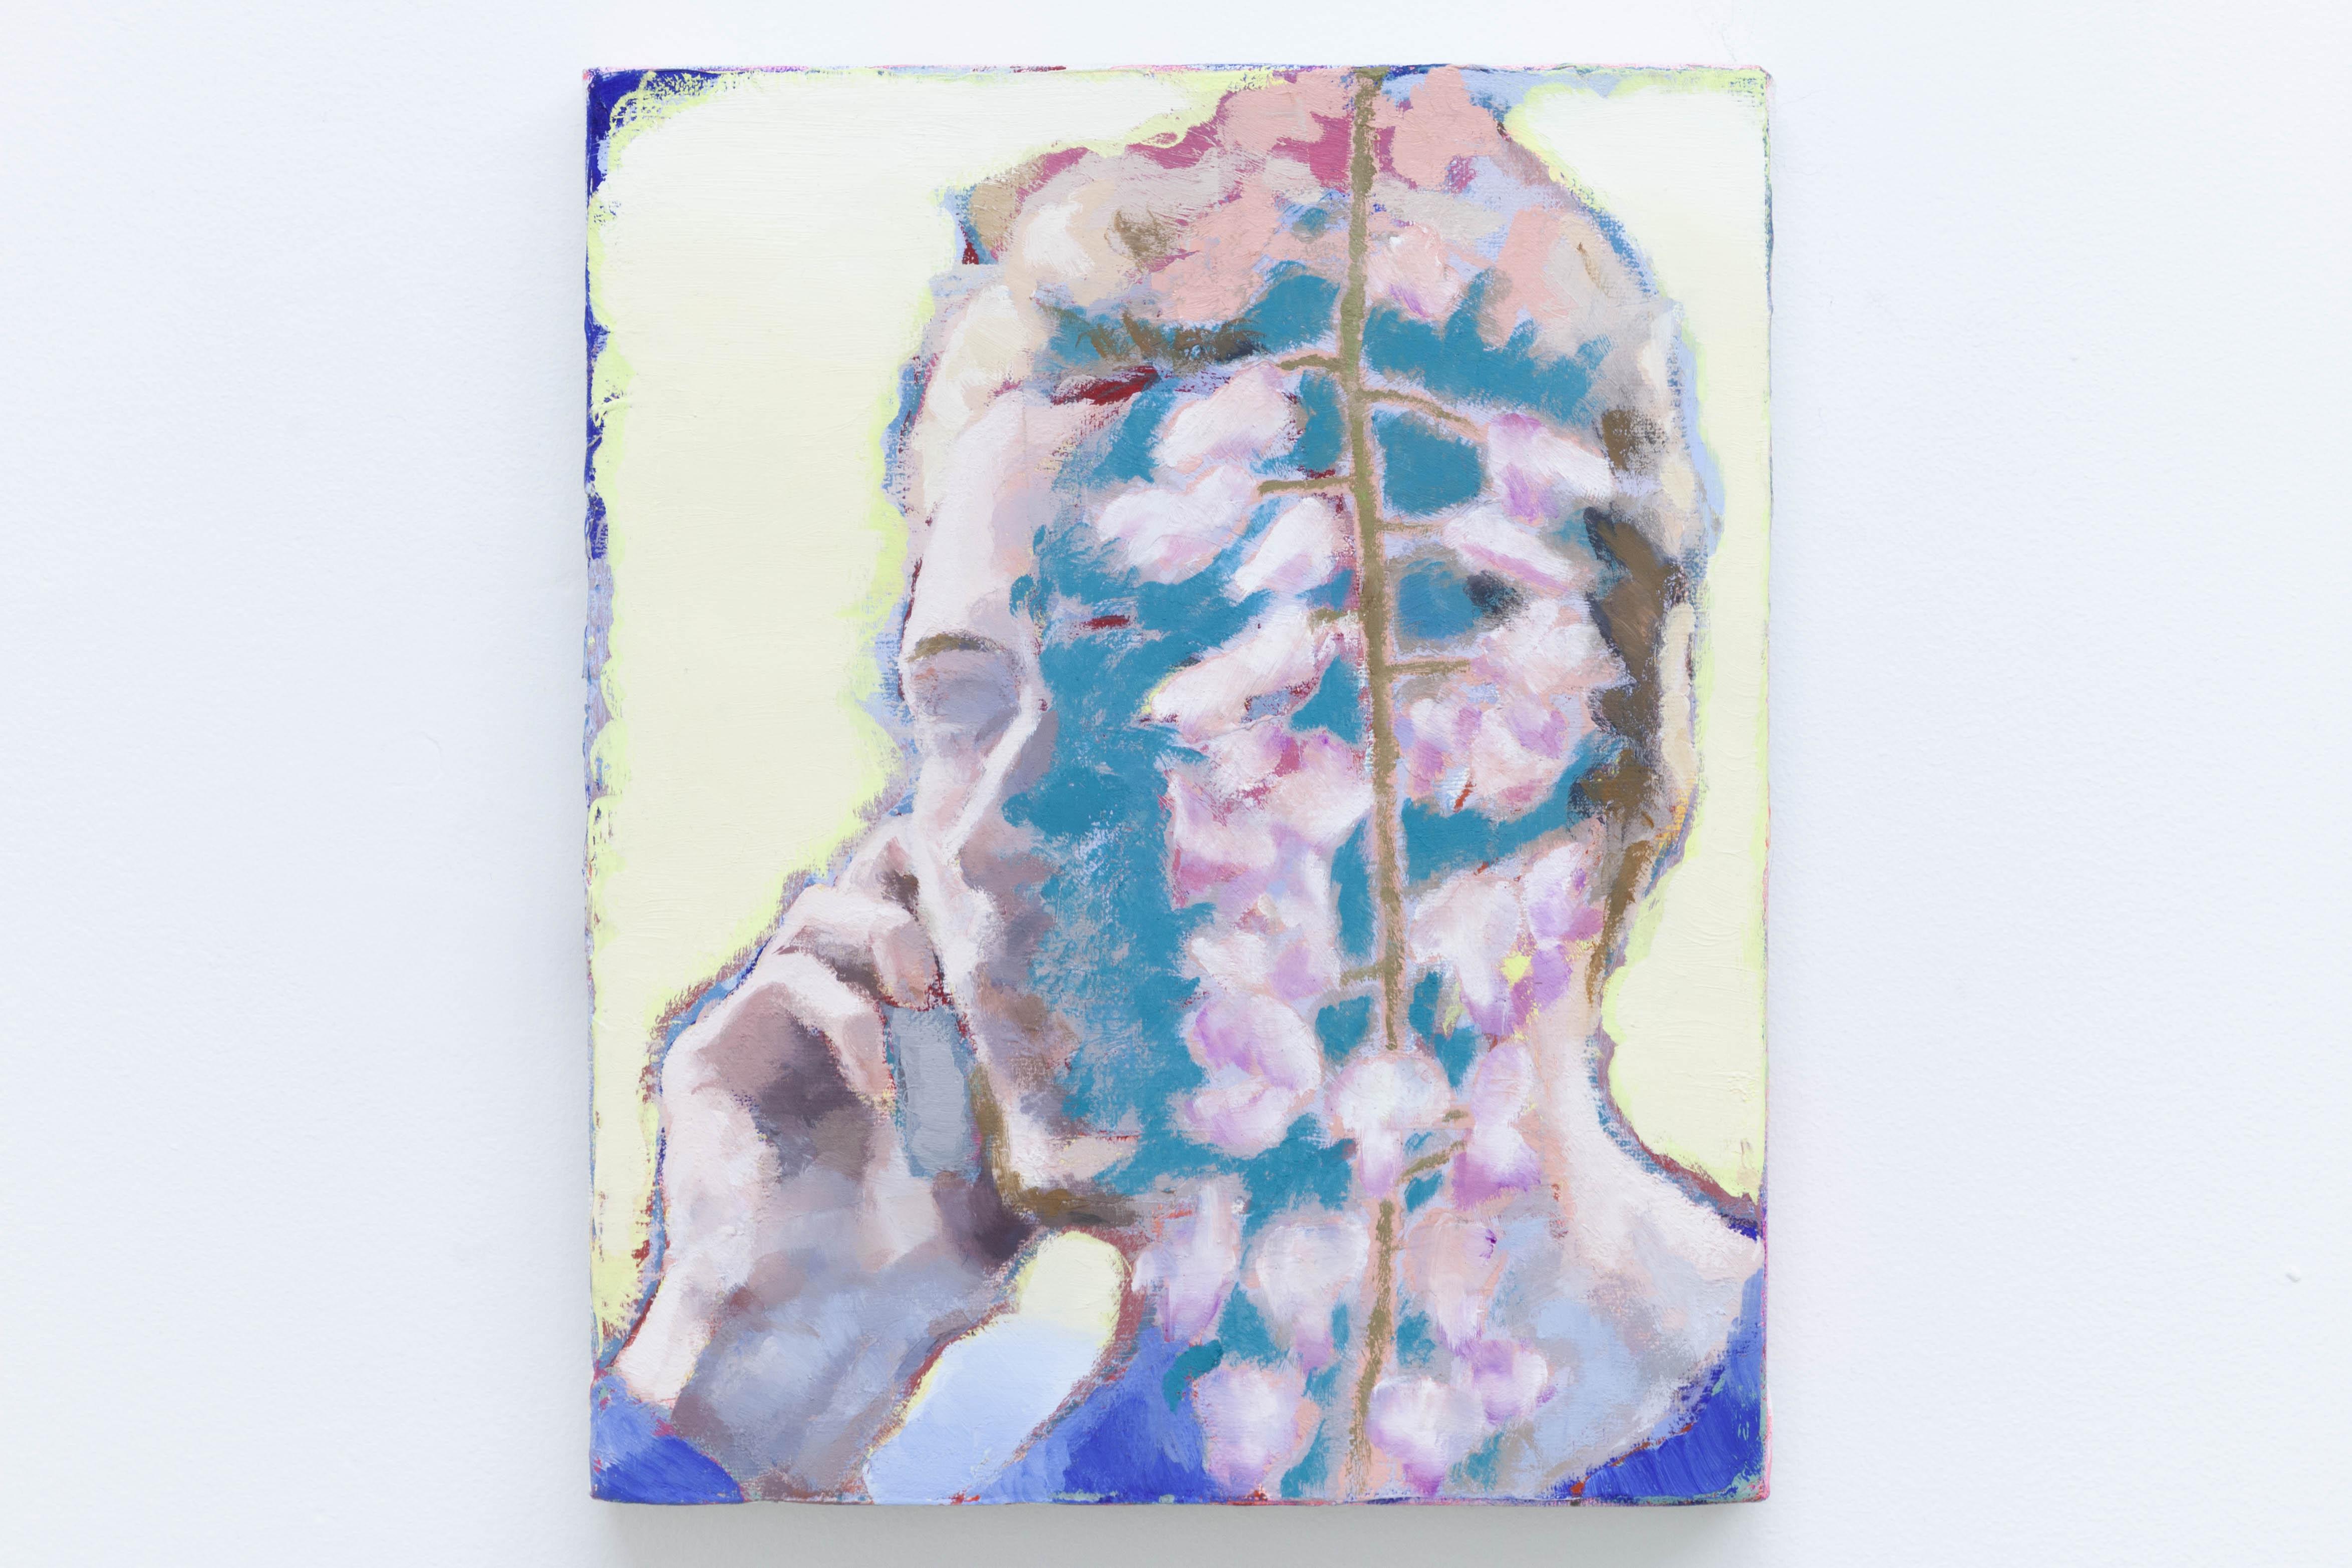 Ta voix dans les glycines I, 2020, huile sur toile, 27 x 22 cm_photo Julie Coulon_web_2